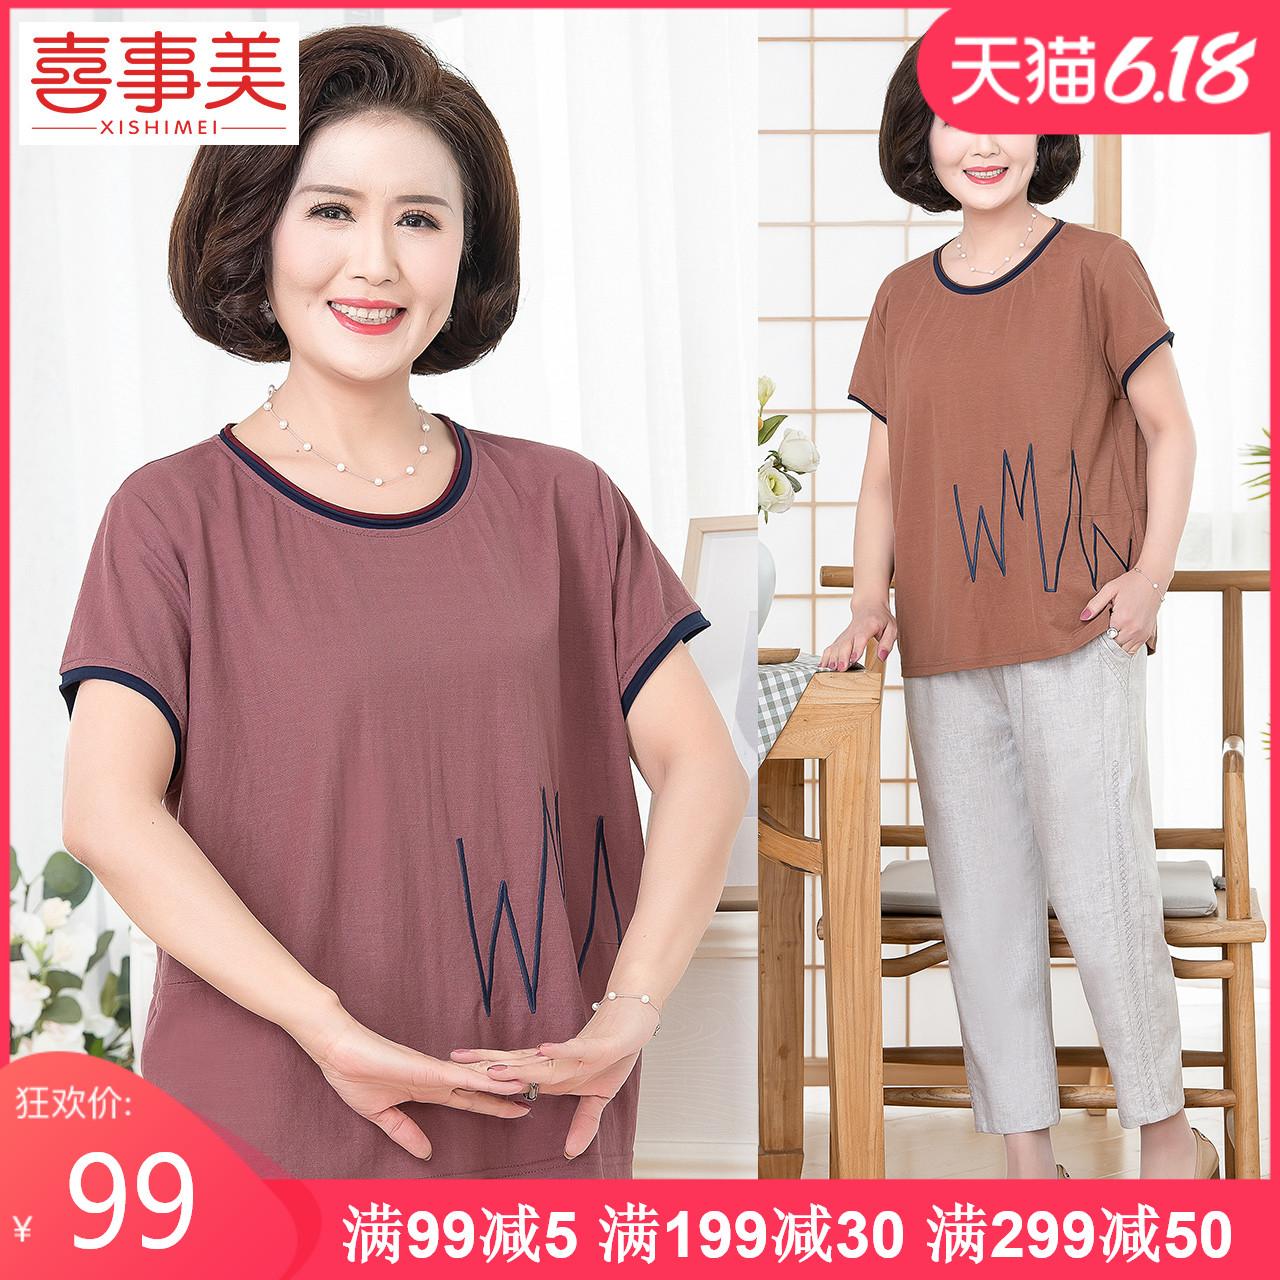 Одежда для людей среднего возраста Артикул 615303692736